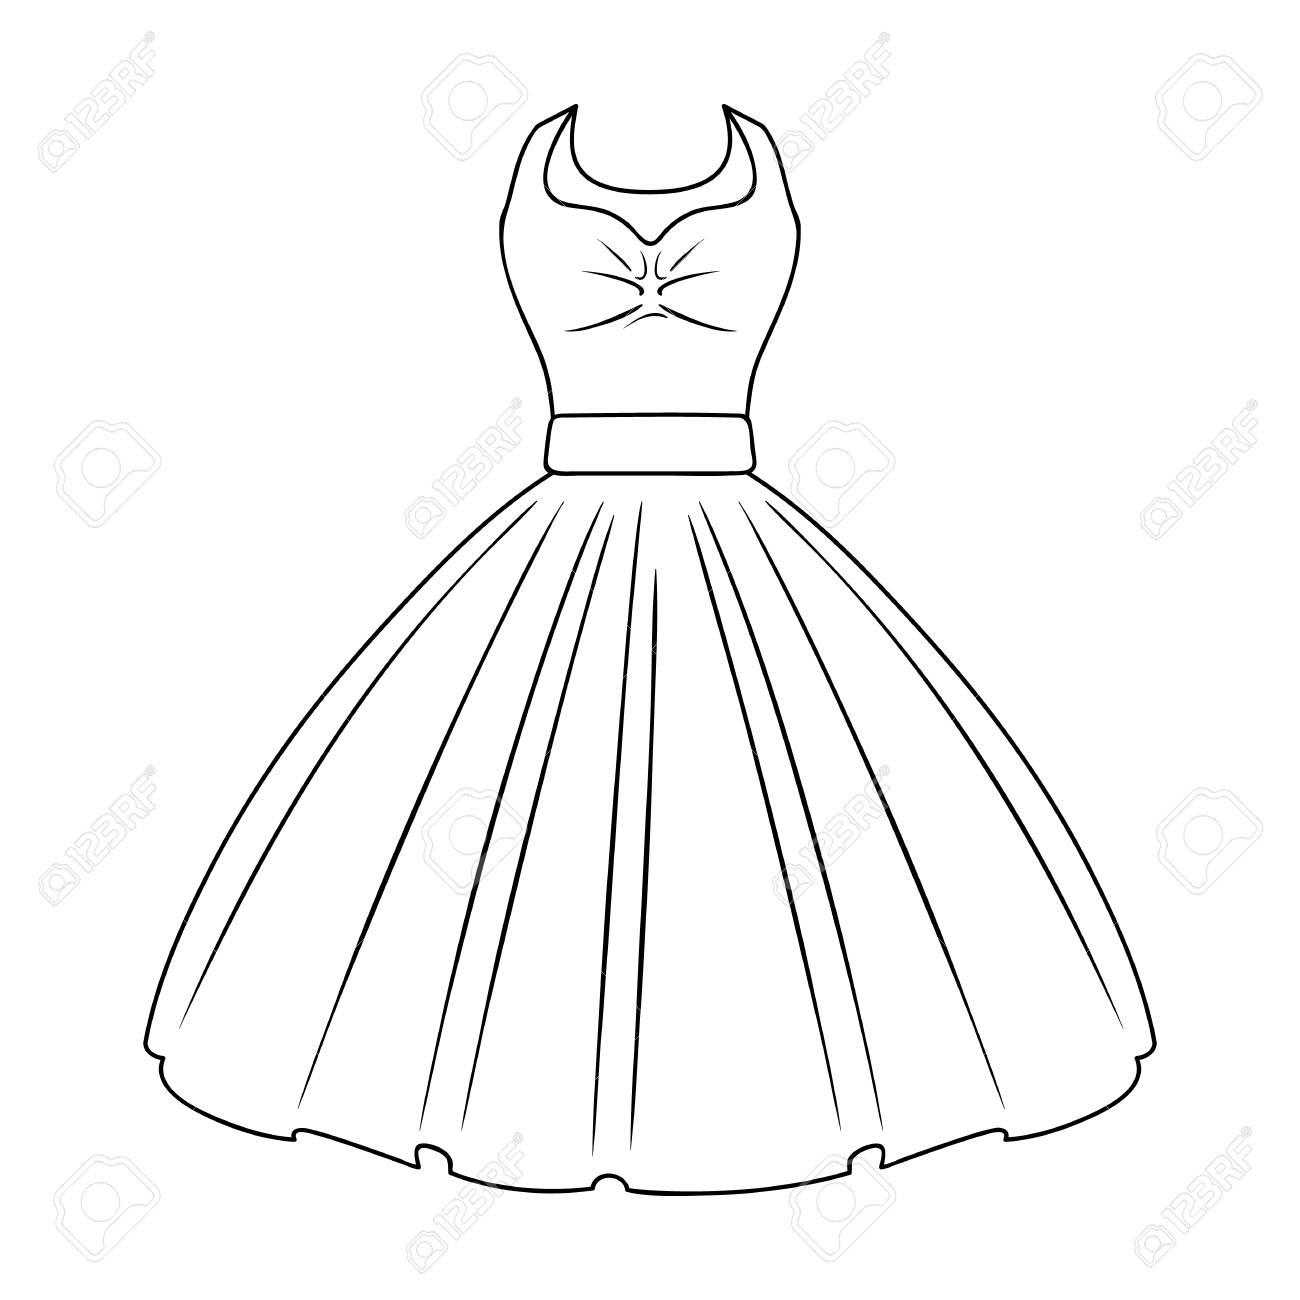 女の子のふわふわの白いウェディング ドレス。結婚式の摩耗。女性の服のアウトライン スタイルのベクトル記号の 1 つのアイコン ストック イラスト。